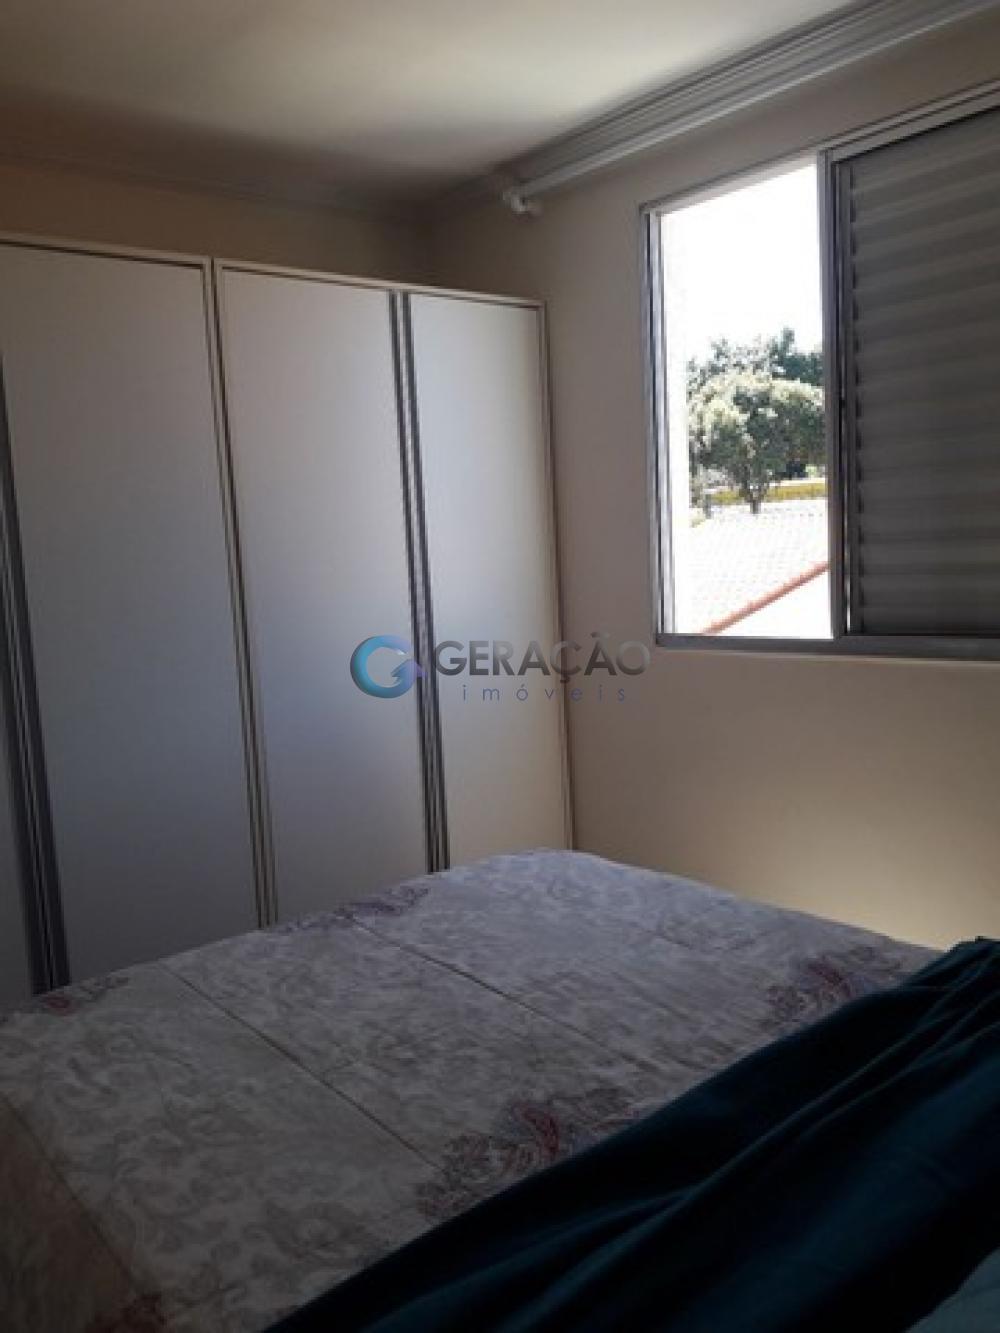 Comprar Apartamento / Padrão em São José dos Campos R$ 187.000,00 - Foto 7